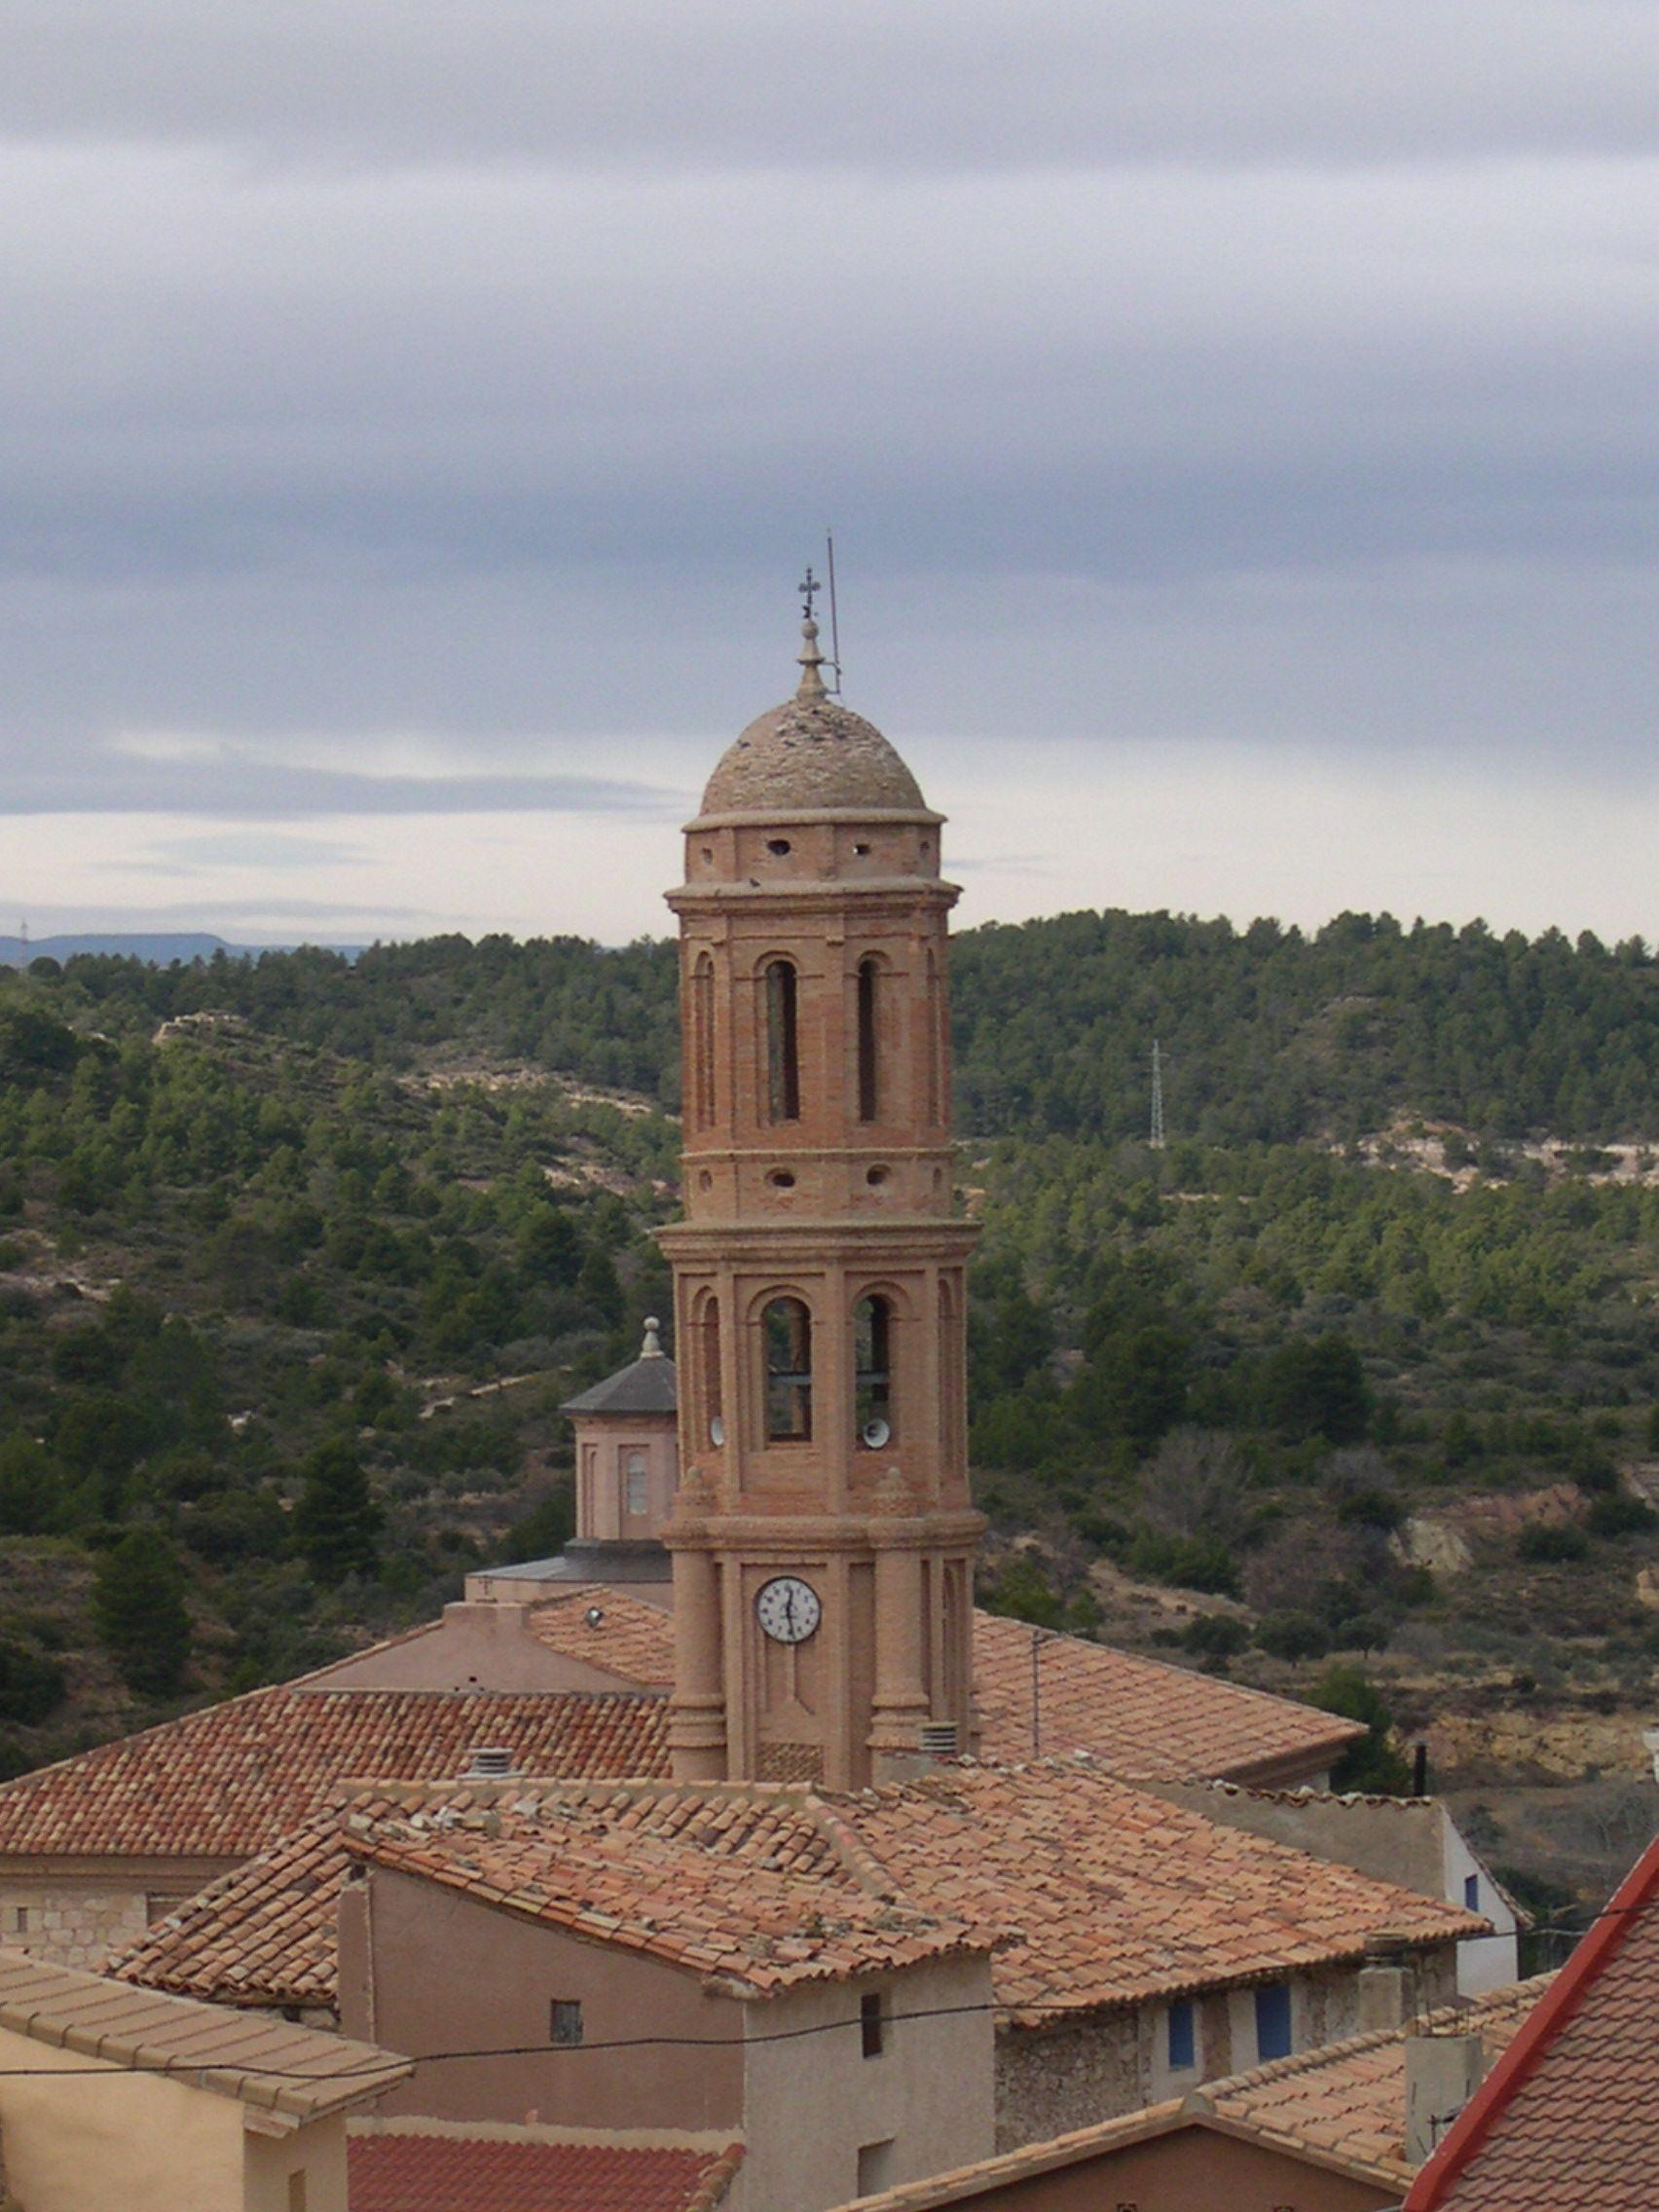 Para hoy os dejo esta fotografía de la torre de Crivillén